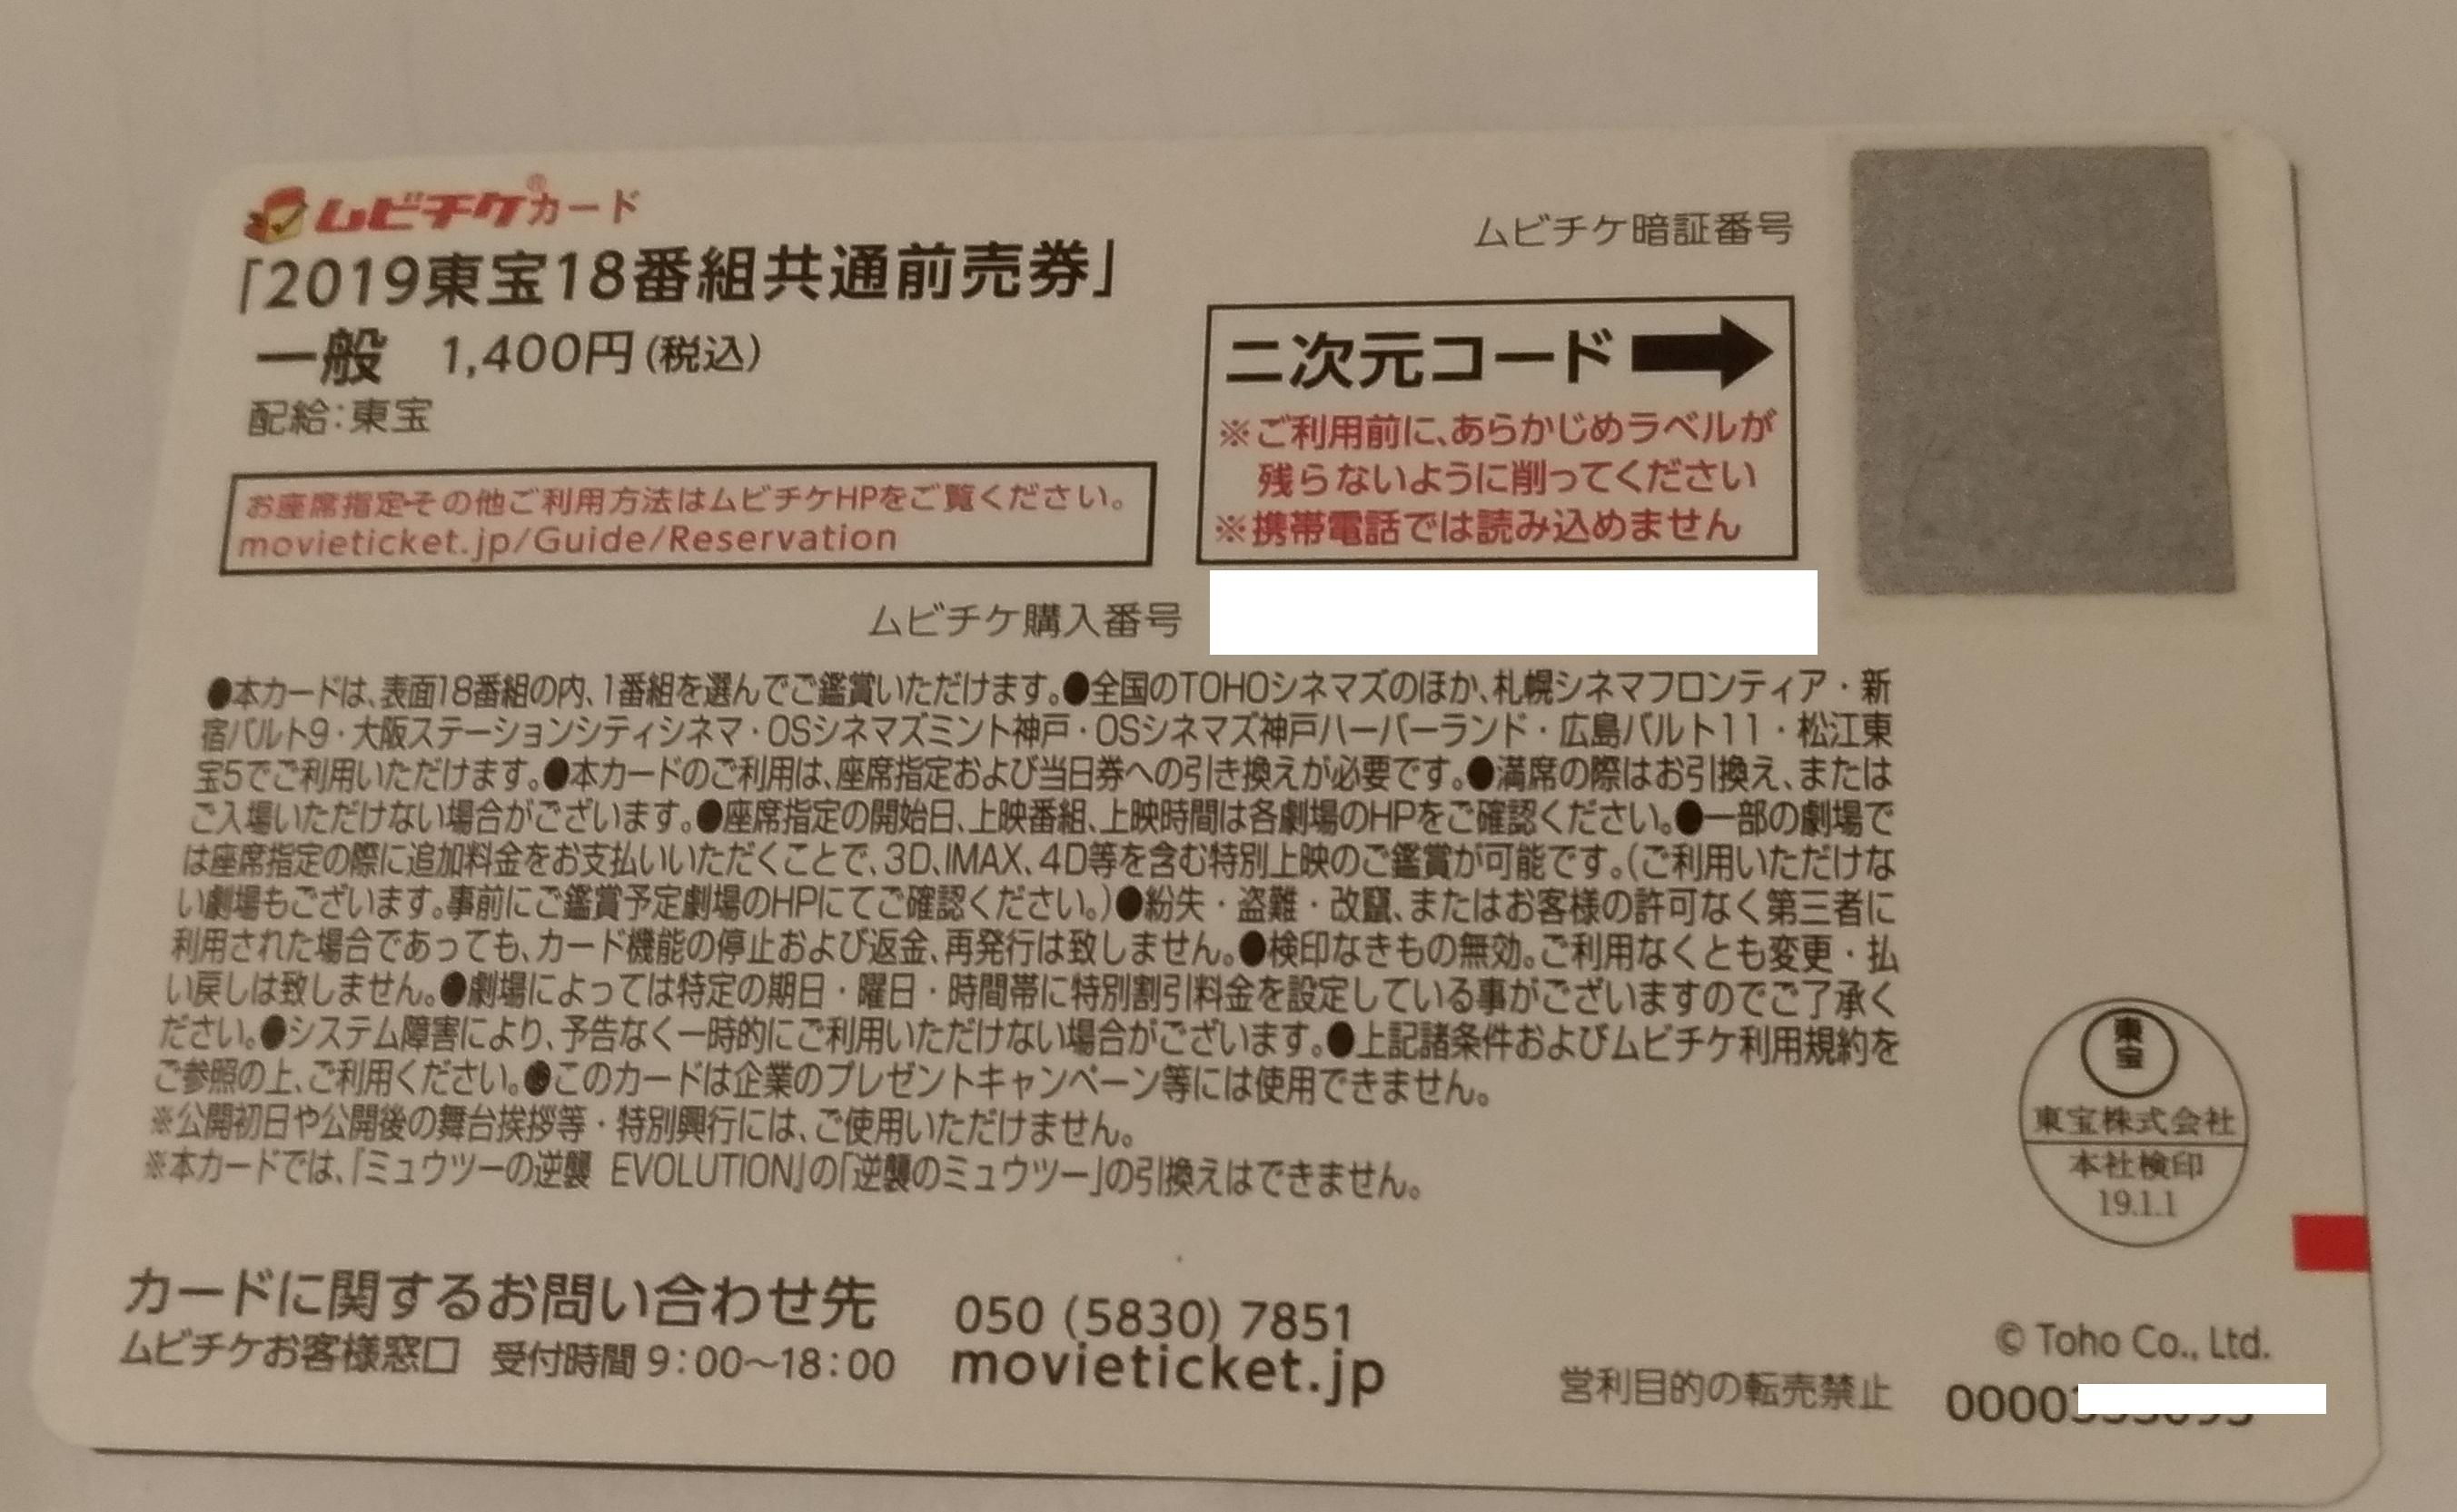 movies_yasui_eiga_1.jpg